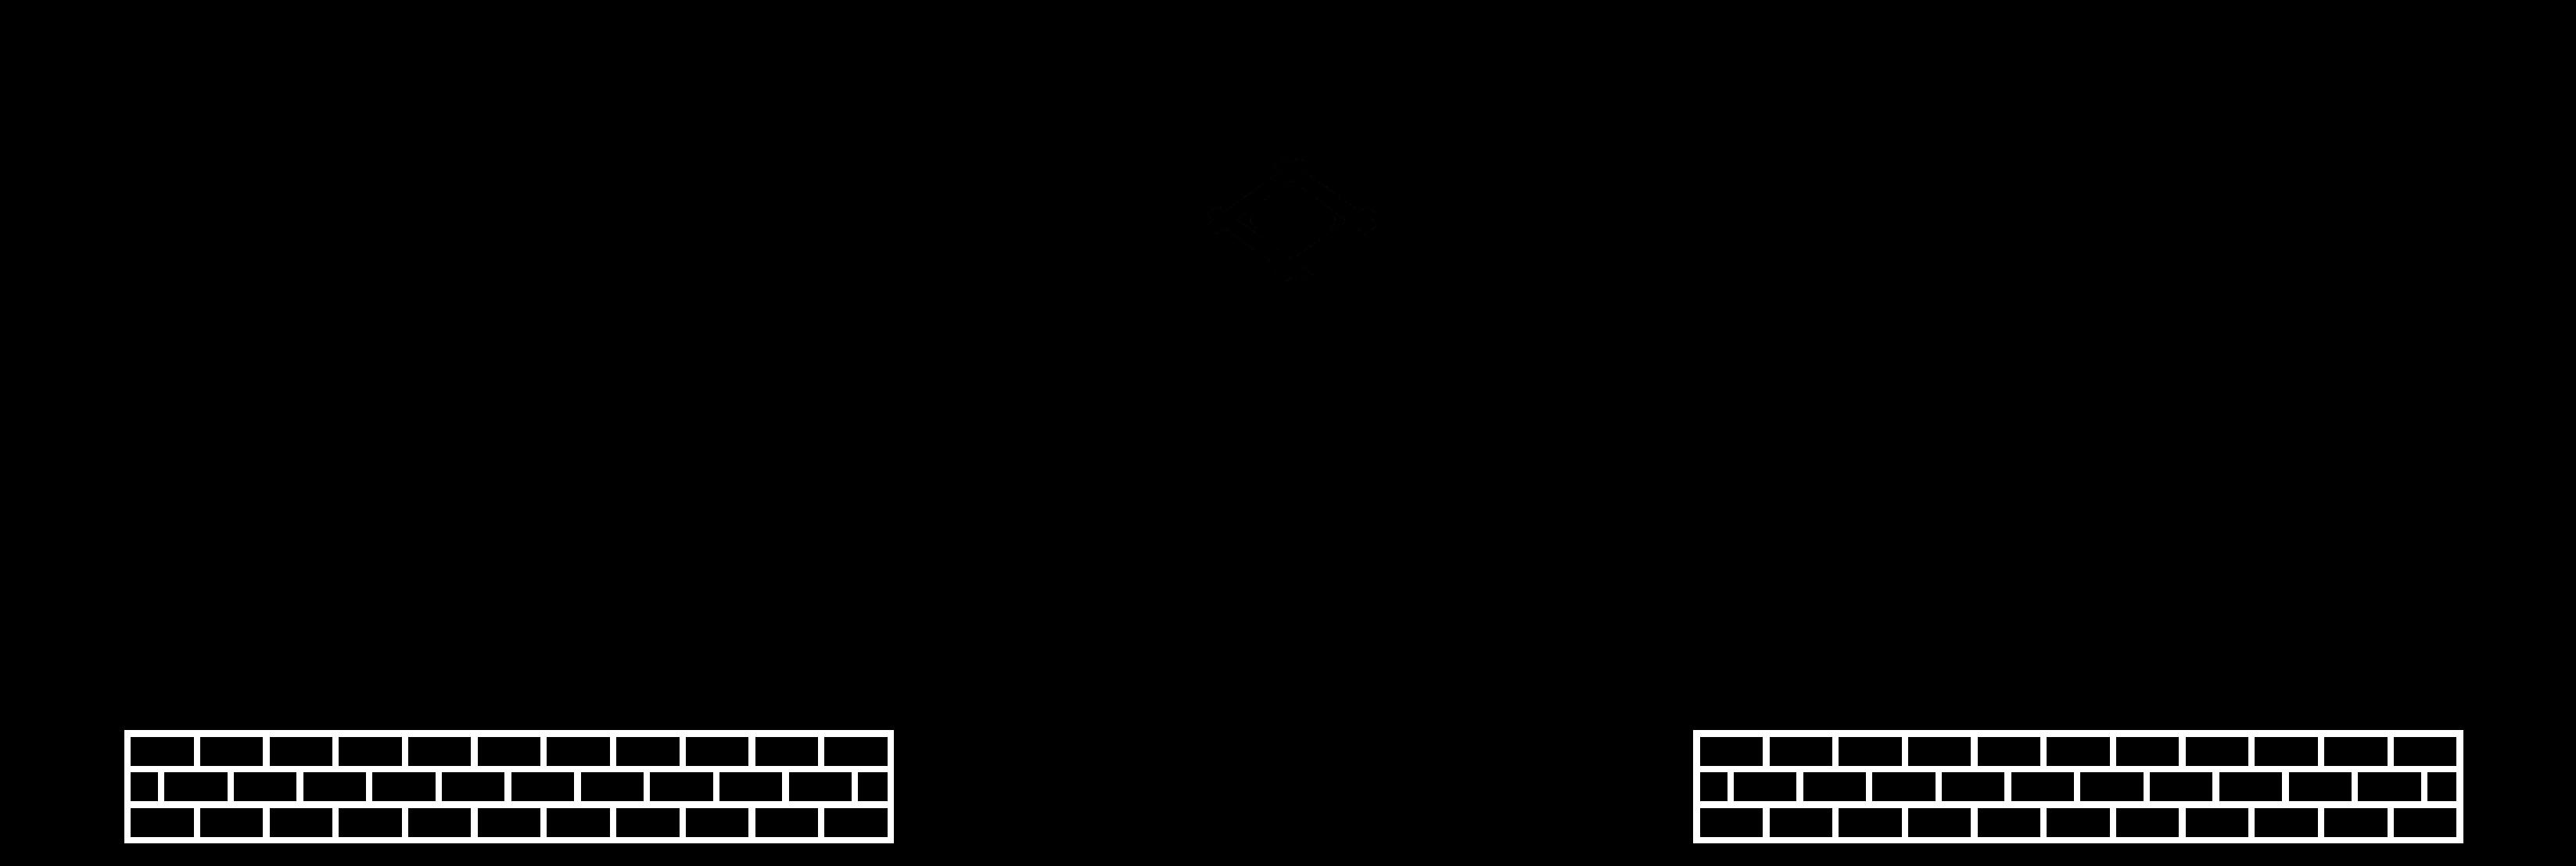 菊の司酒造|岩手の日本酒「菊の司」「七福神」